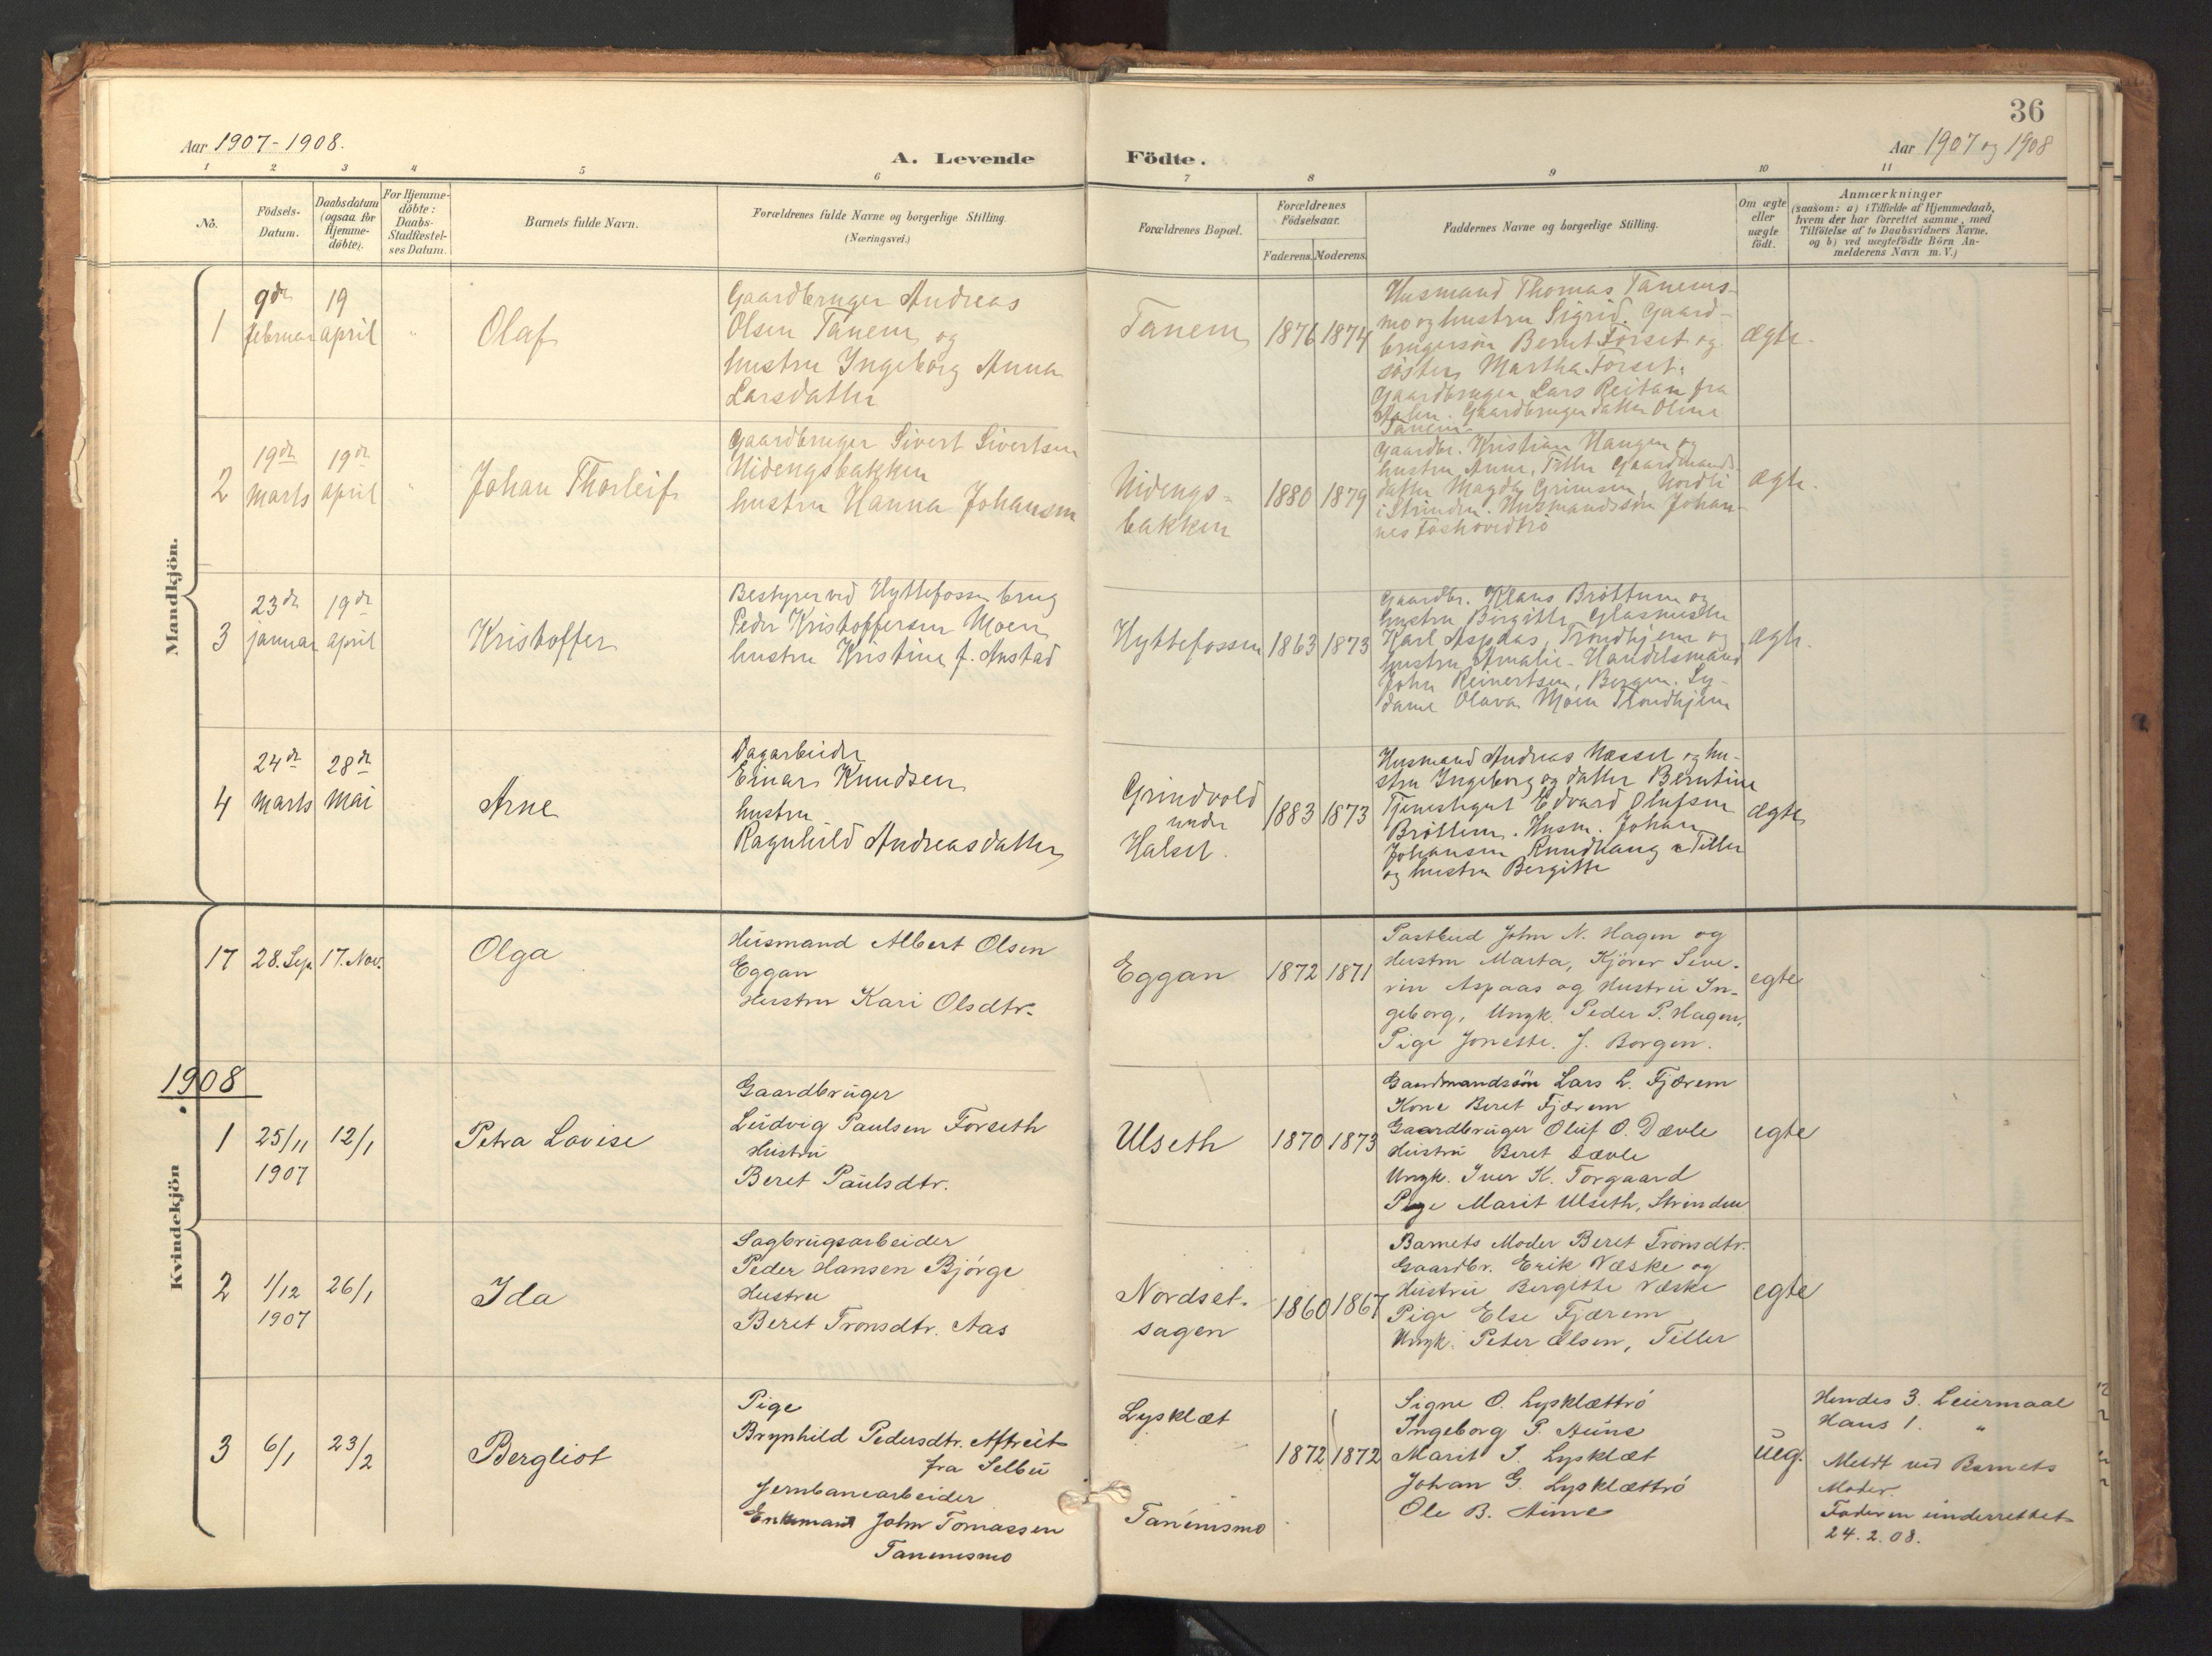 SAT, Ministerialprotokoller, klokkerbøker og fødselsregistre - Sør-Trøndelag, 618/L0448: Ministerialbok nr. 618A11, 1898-1916, s. 36